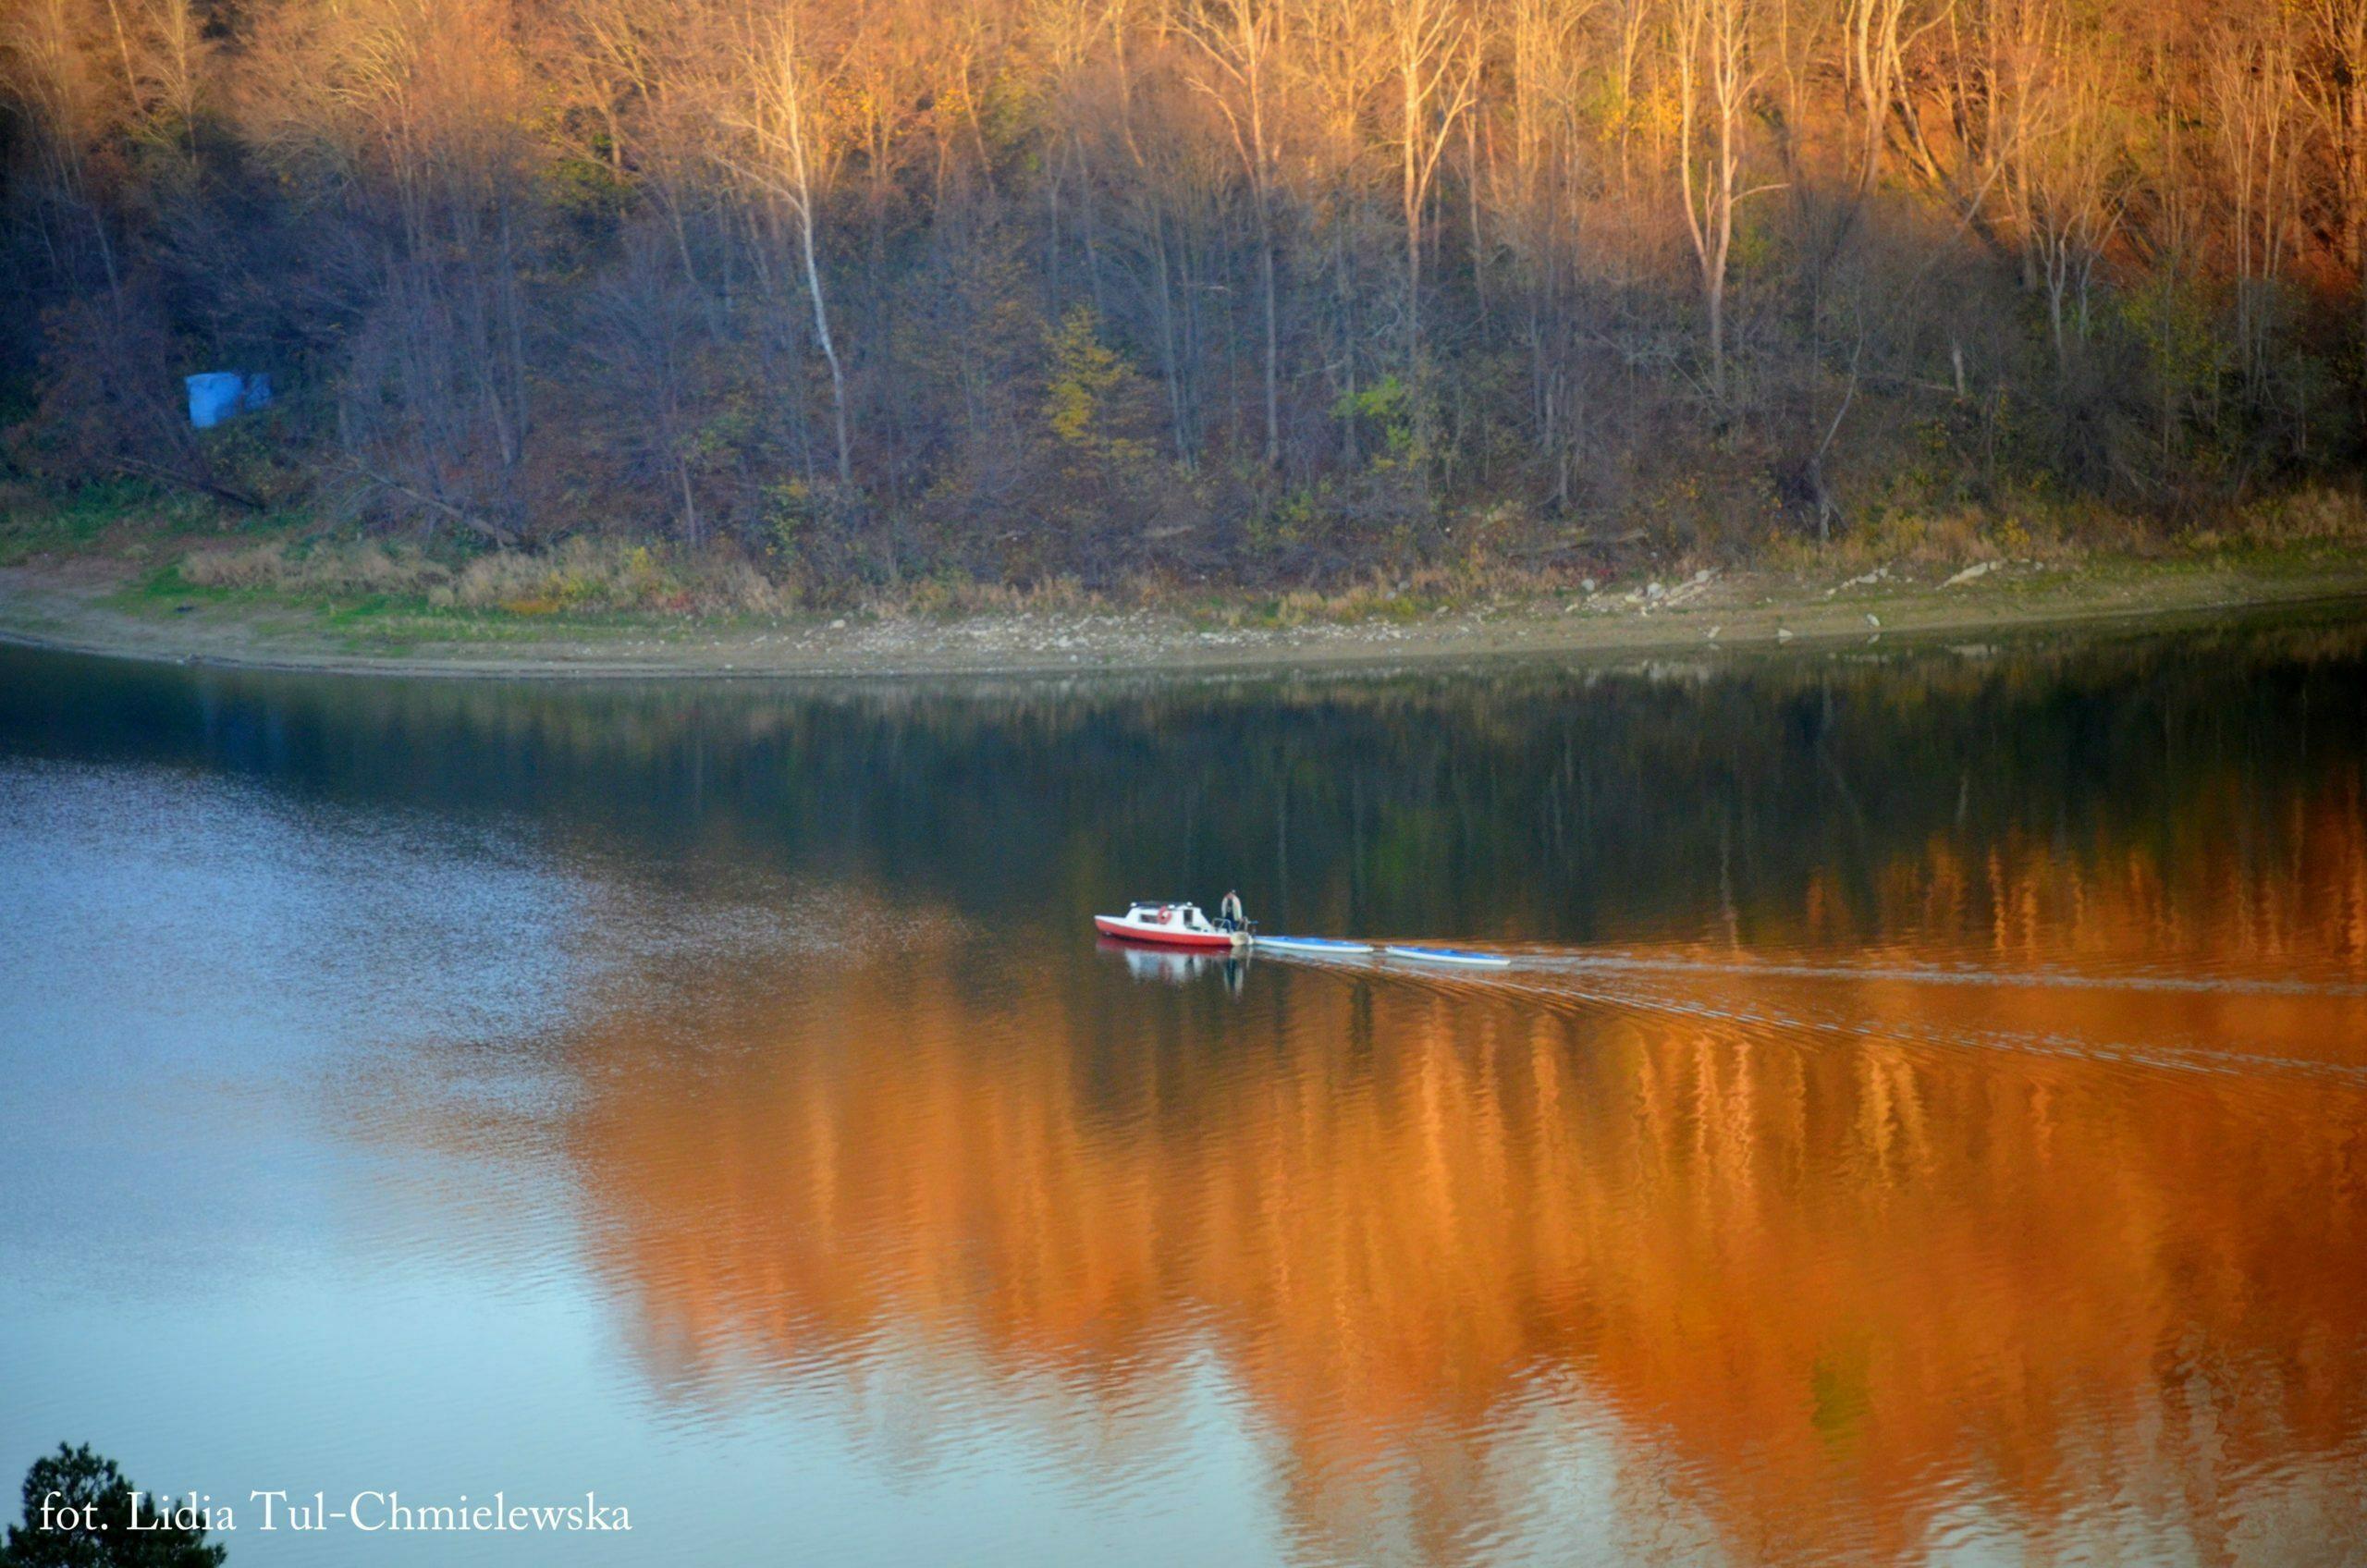 Spokój listopadowy w Bieszczadach fot. Lidia Tul-Chmielewska